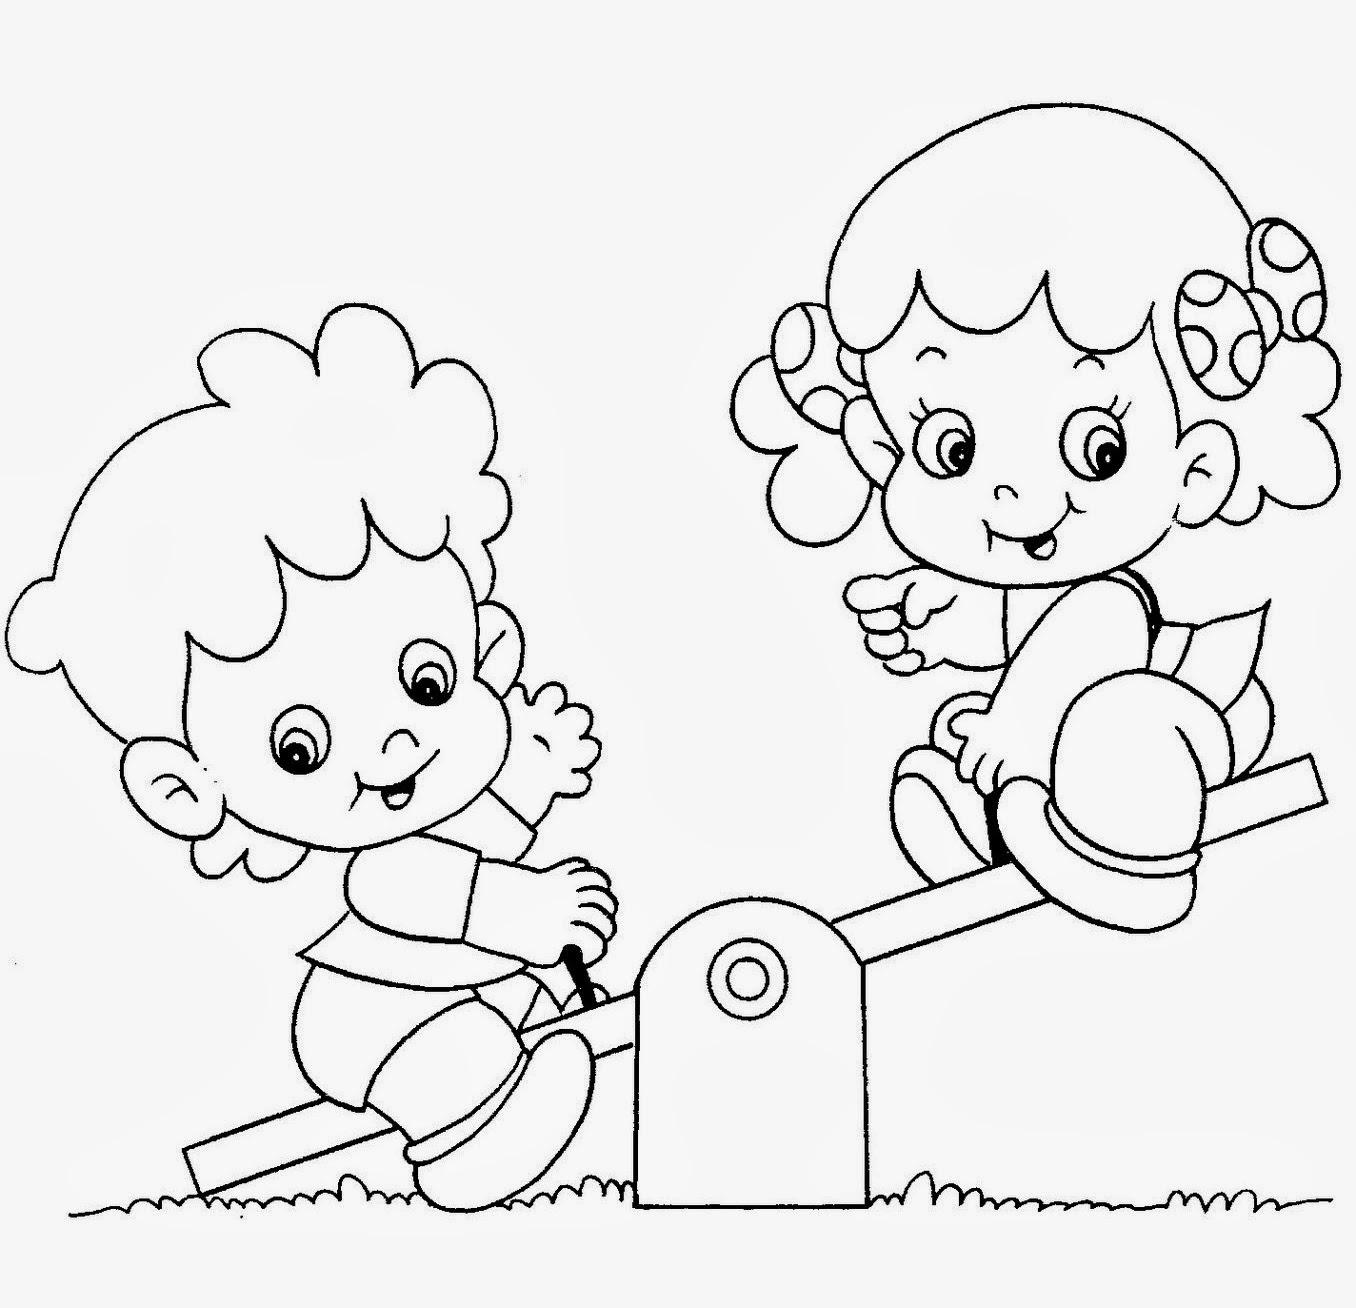 Desenho De Criancas Brincando Para Colorir Desenhos Para Colorir